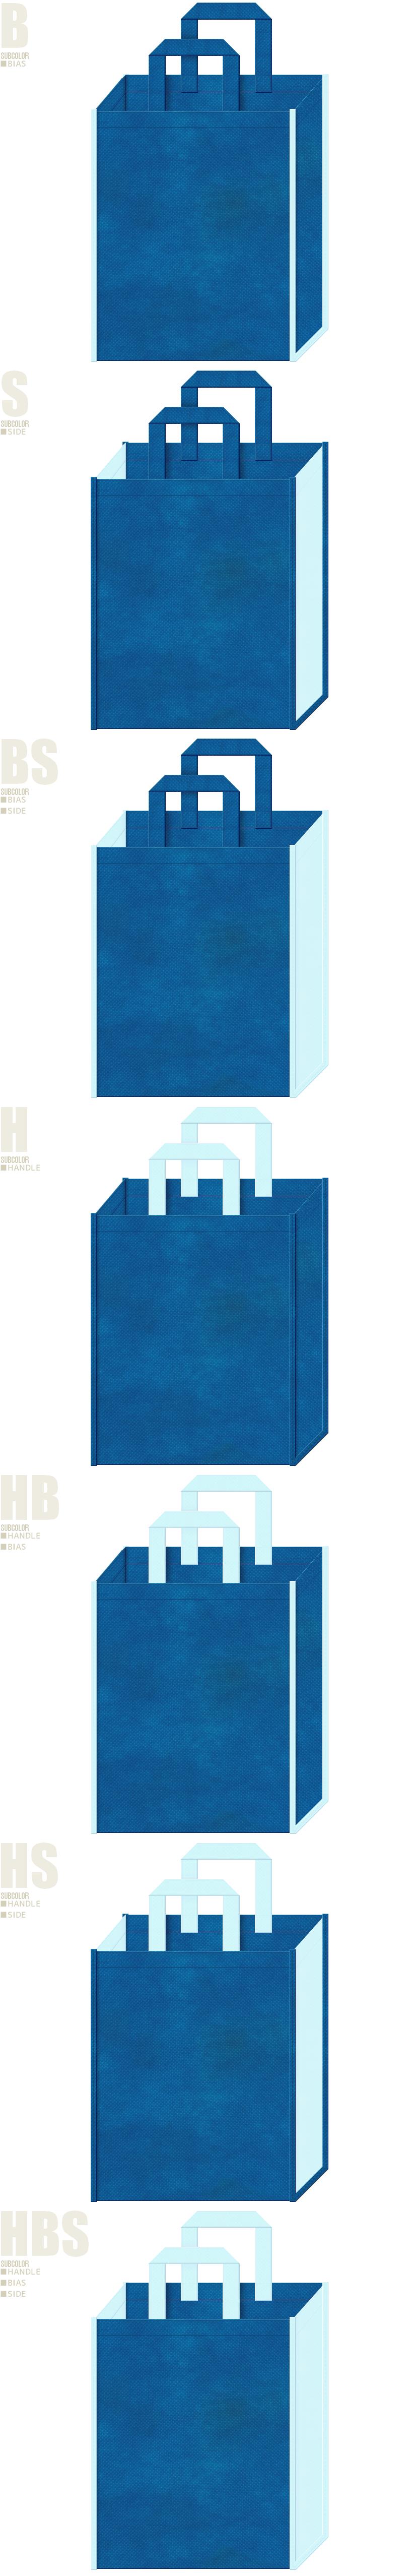 青色と水色-7パターンの不織布トートバッグ配色デザイン例